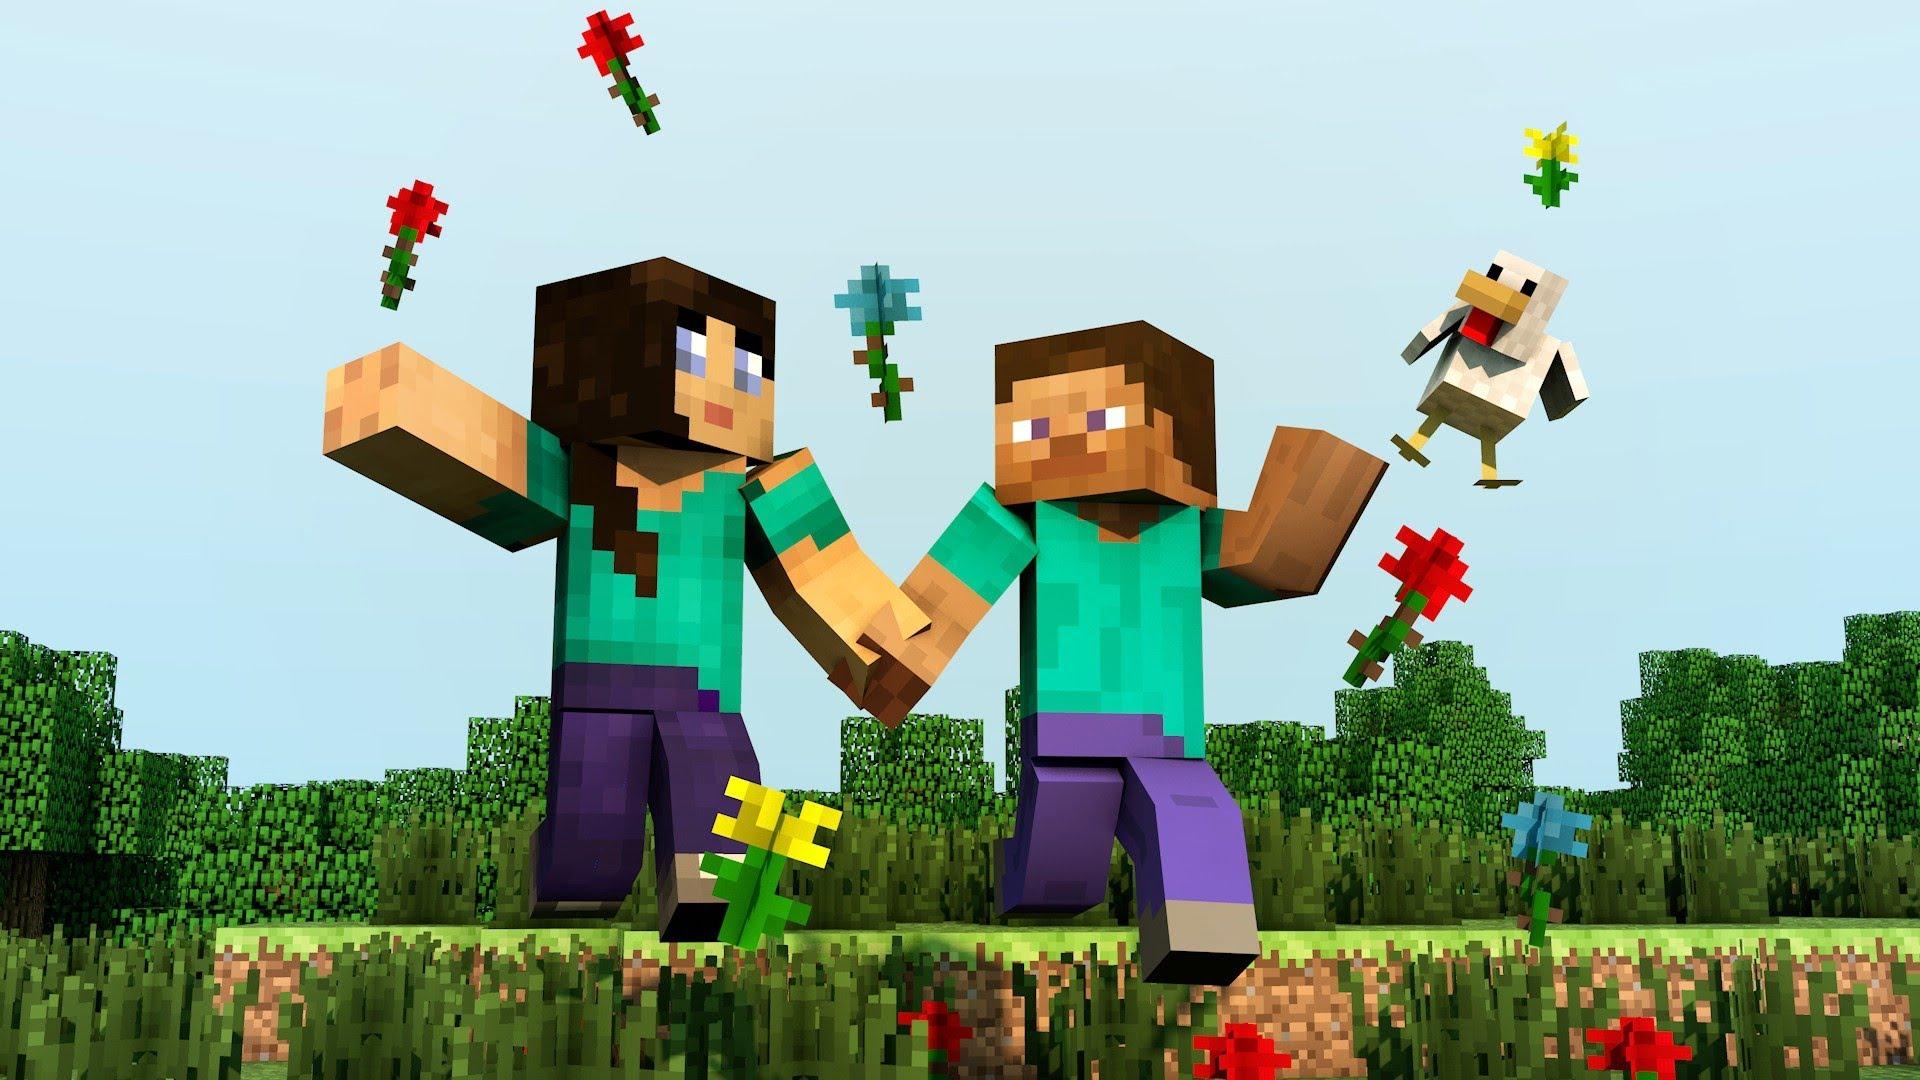 Minecraft 15 millions de jeux vendus sur pc total gamer com - Jeux video de minecraft ...